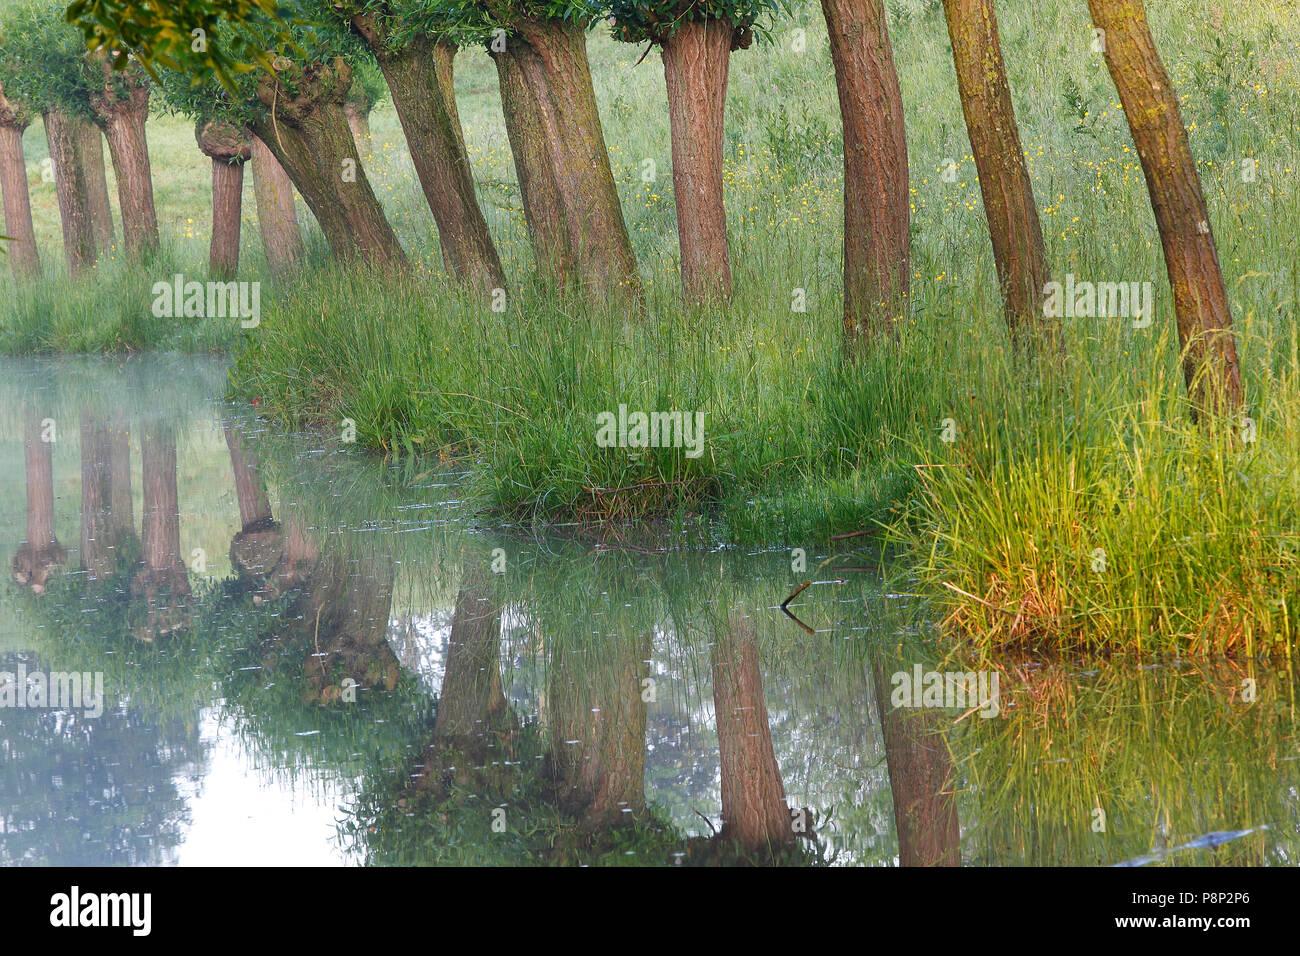 Pollard willows (Salix sp.) along pool - Stock Image